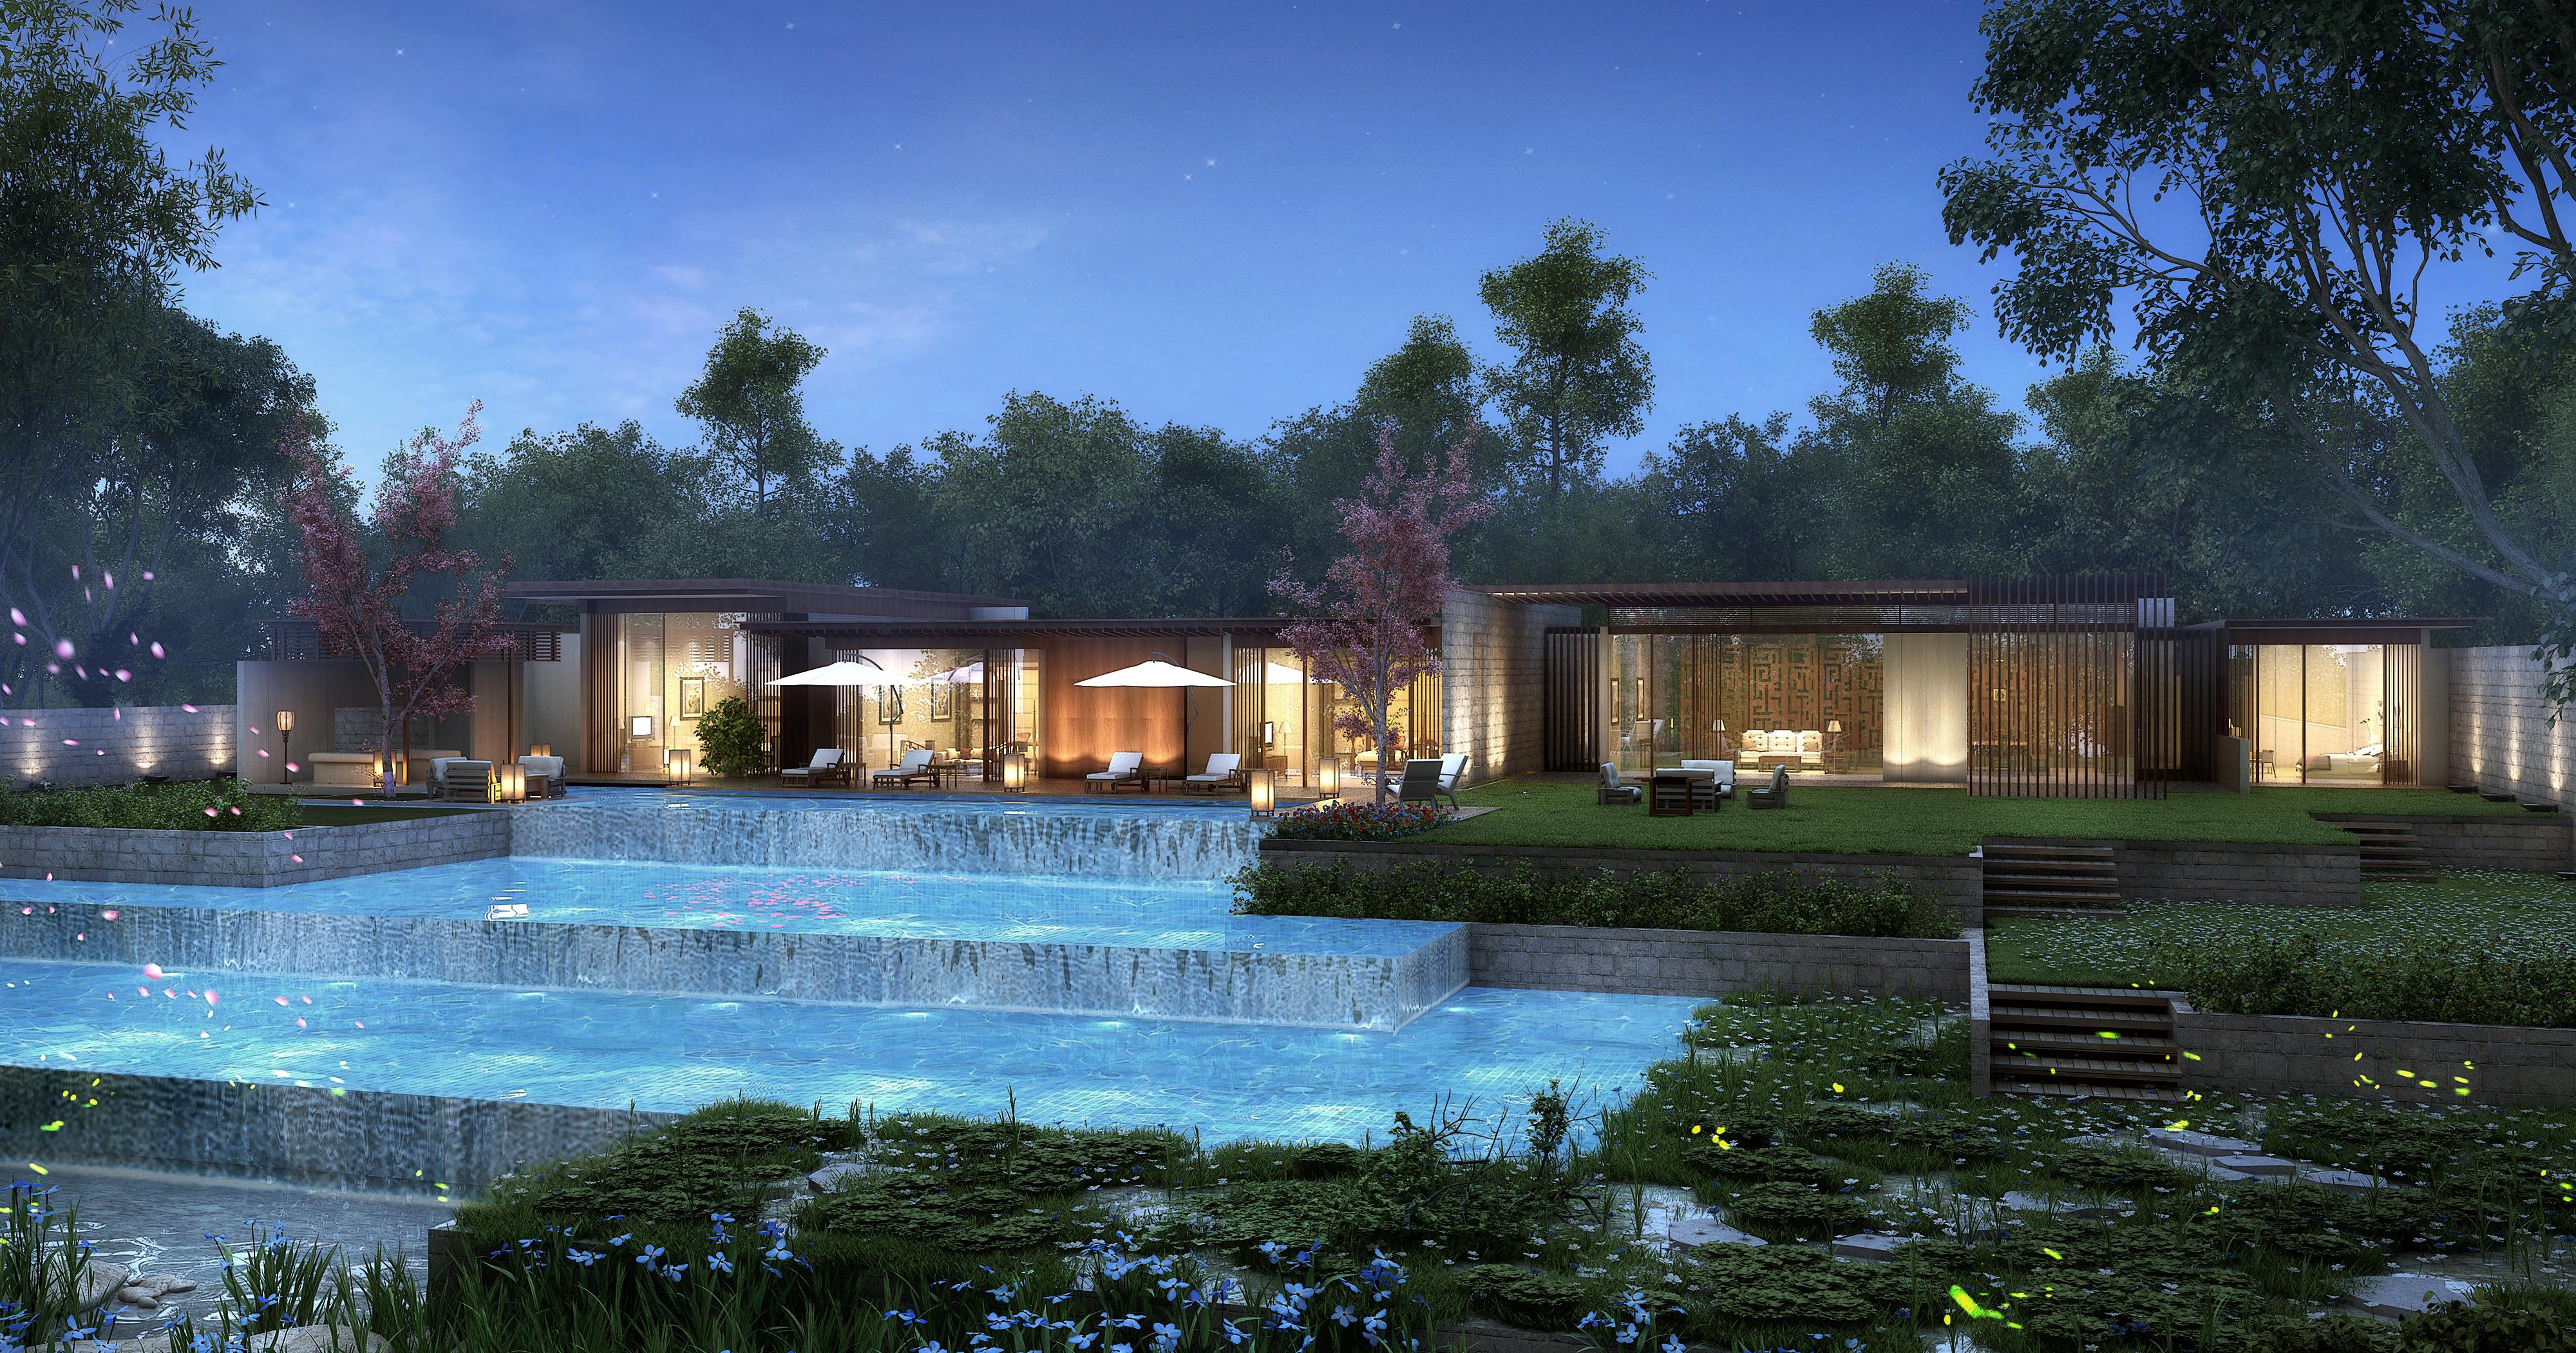 charles_tang_design_holiday_resort_theme_park_mixed_use_hangzhou_china 2